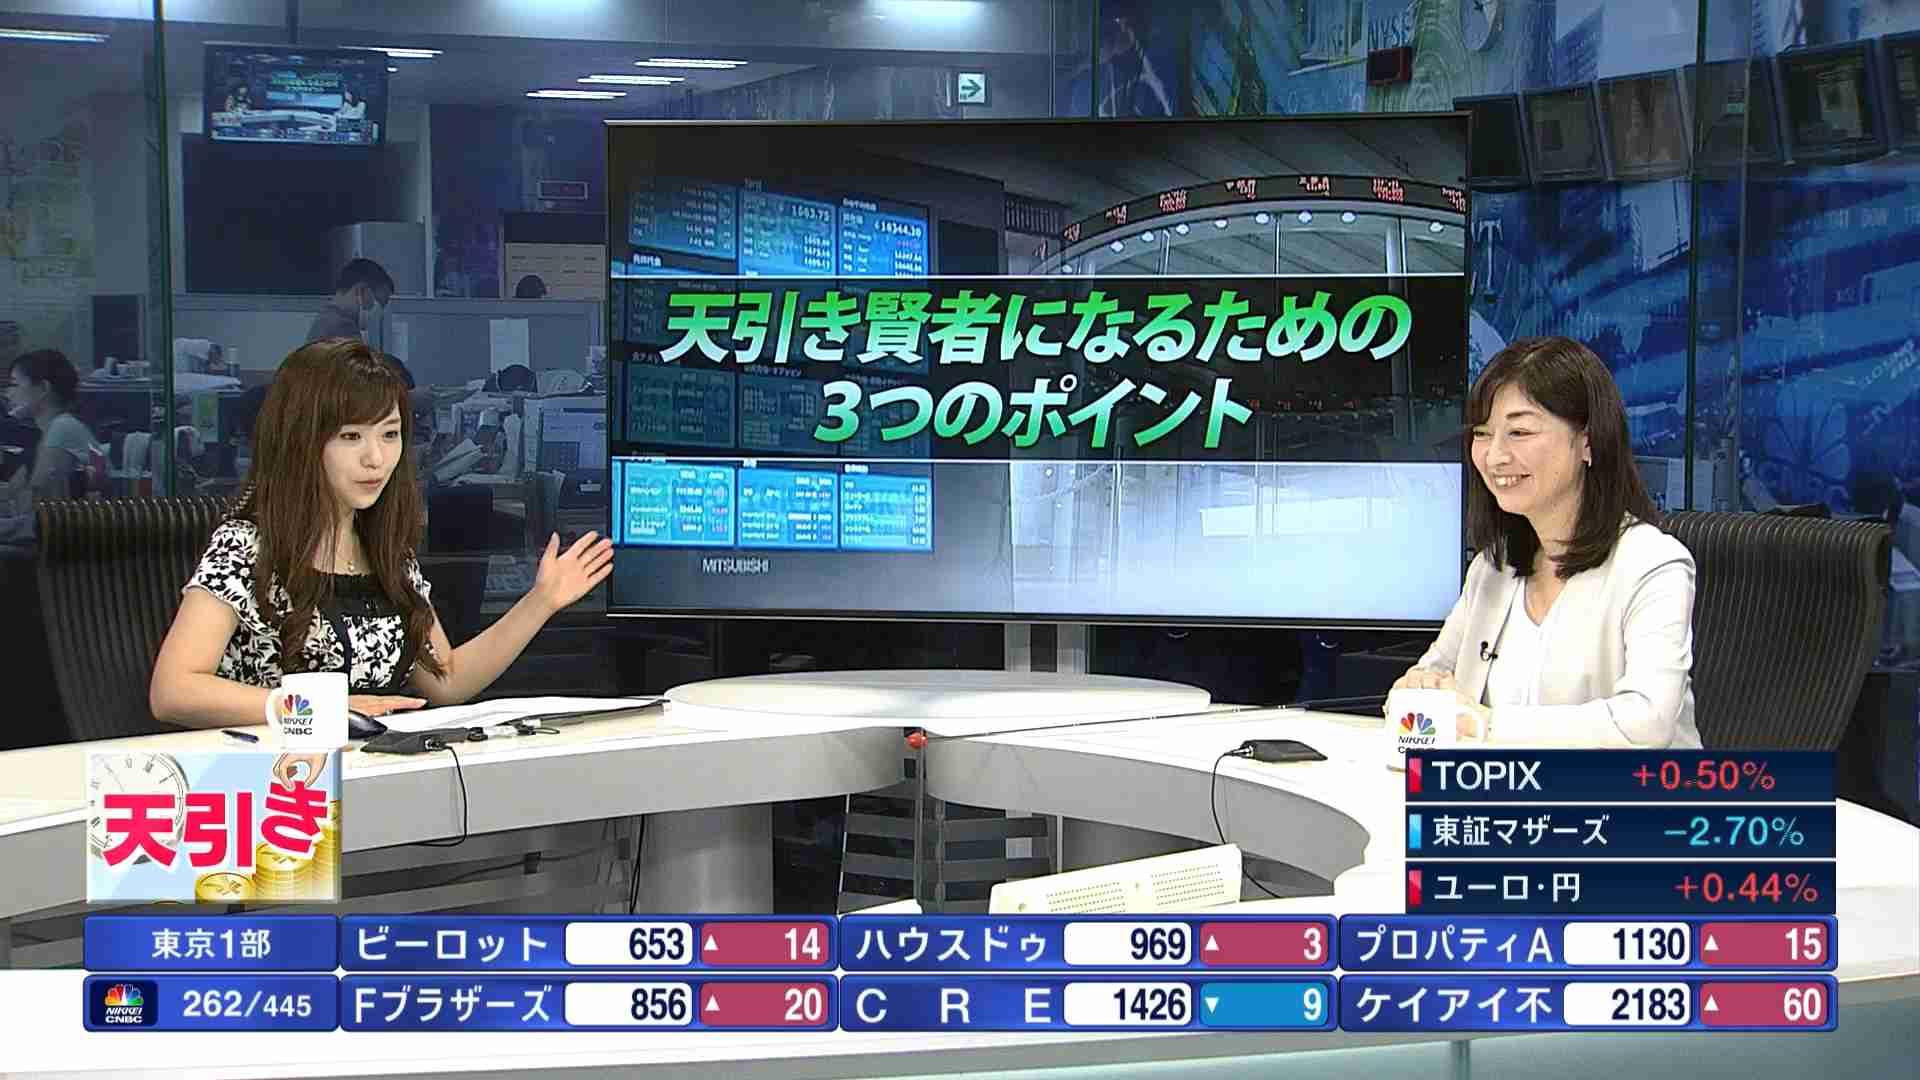 Ufj 掲示板 三菱 株価